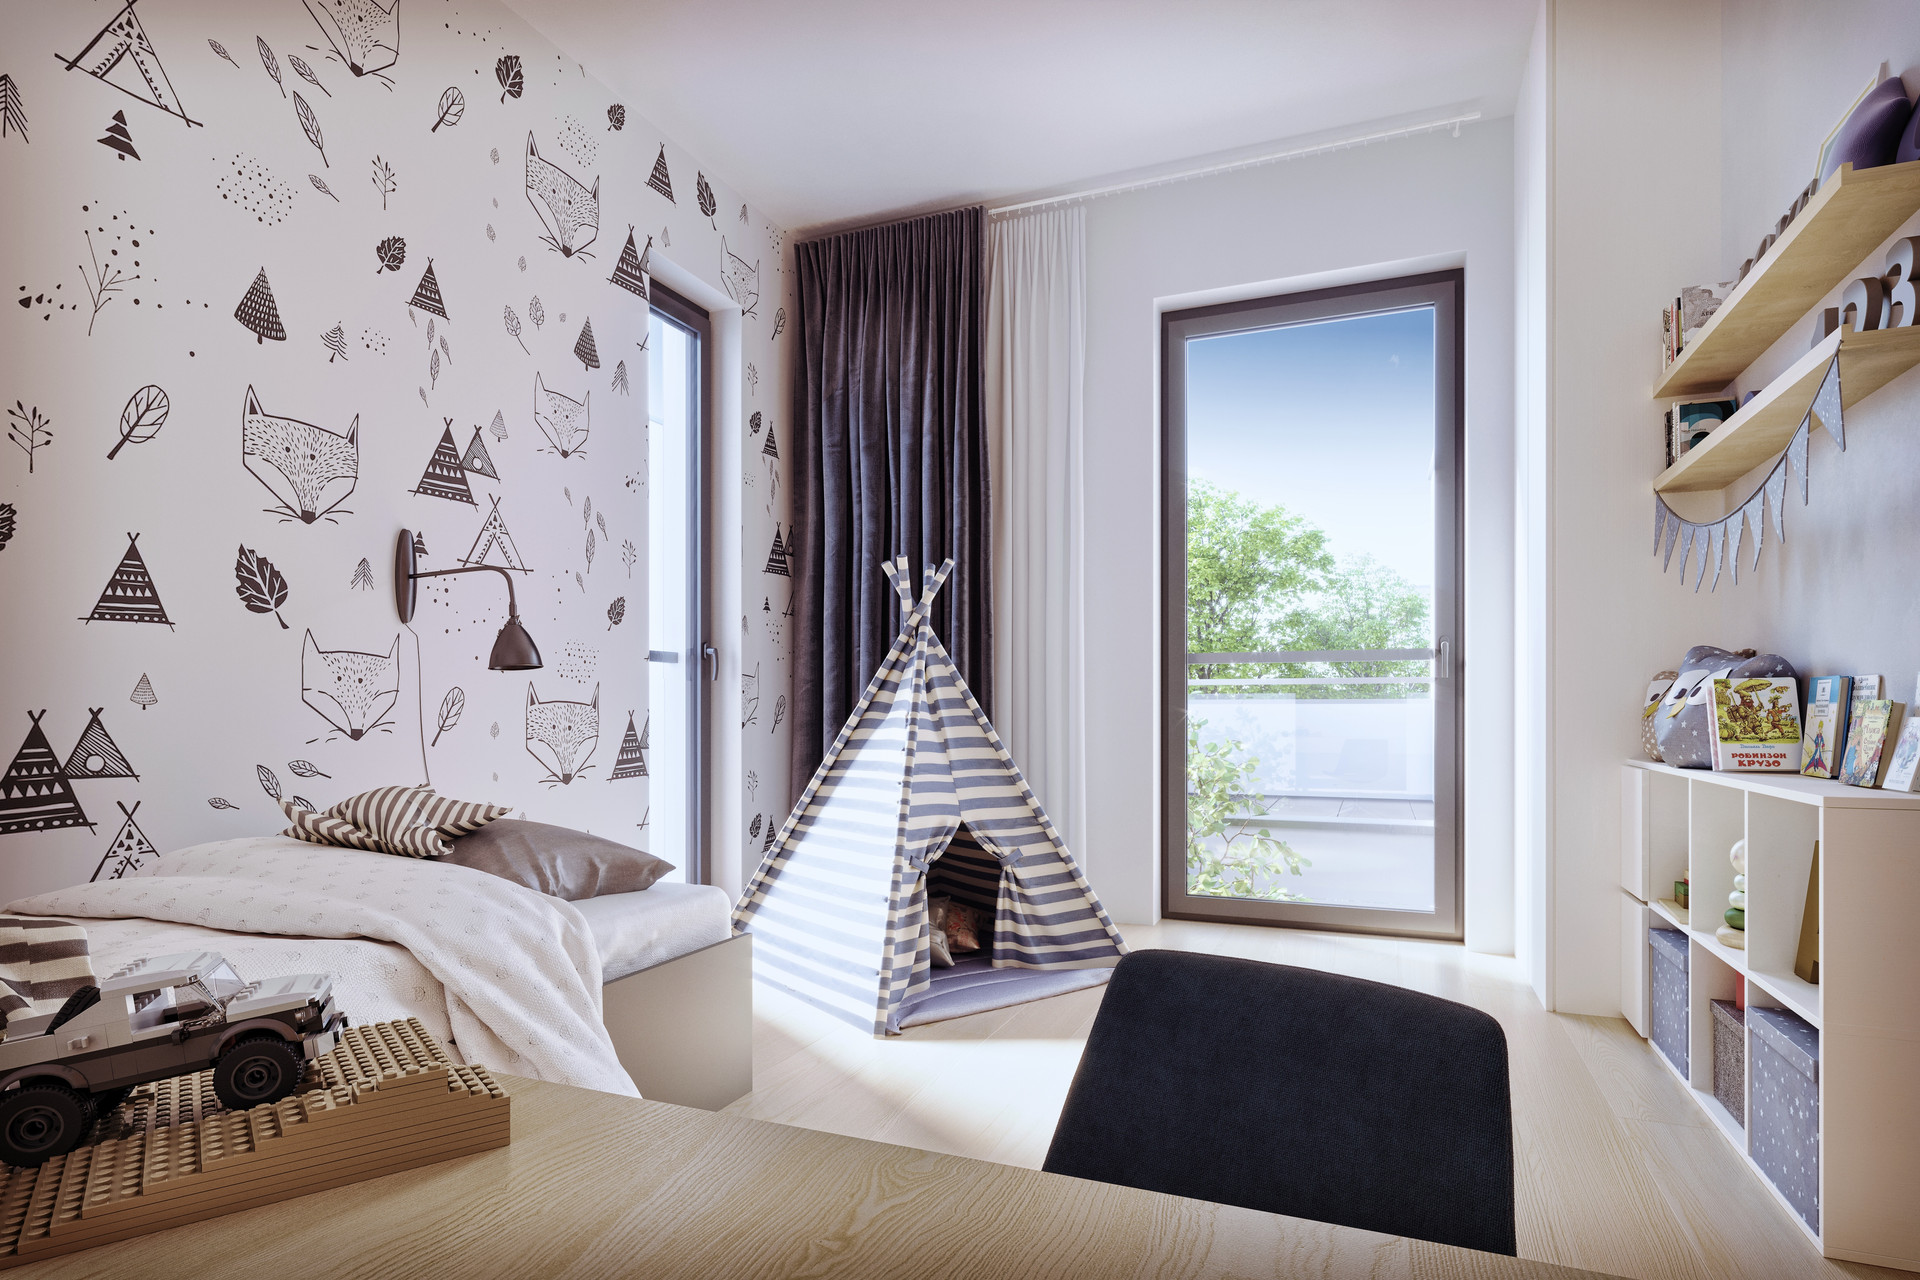 23_1 projekt mieszkania deweloperskiego